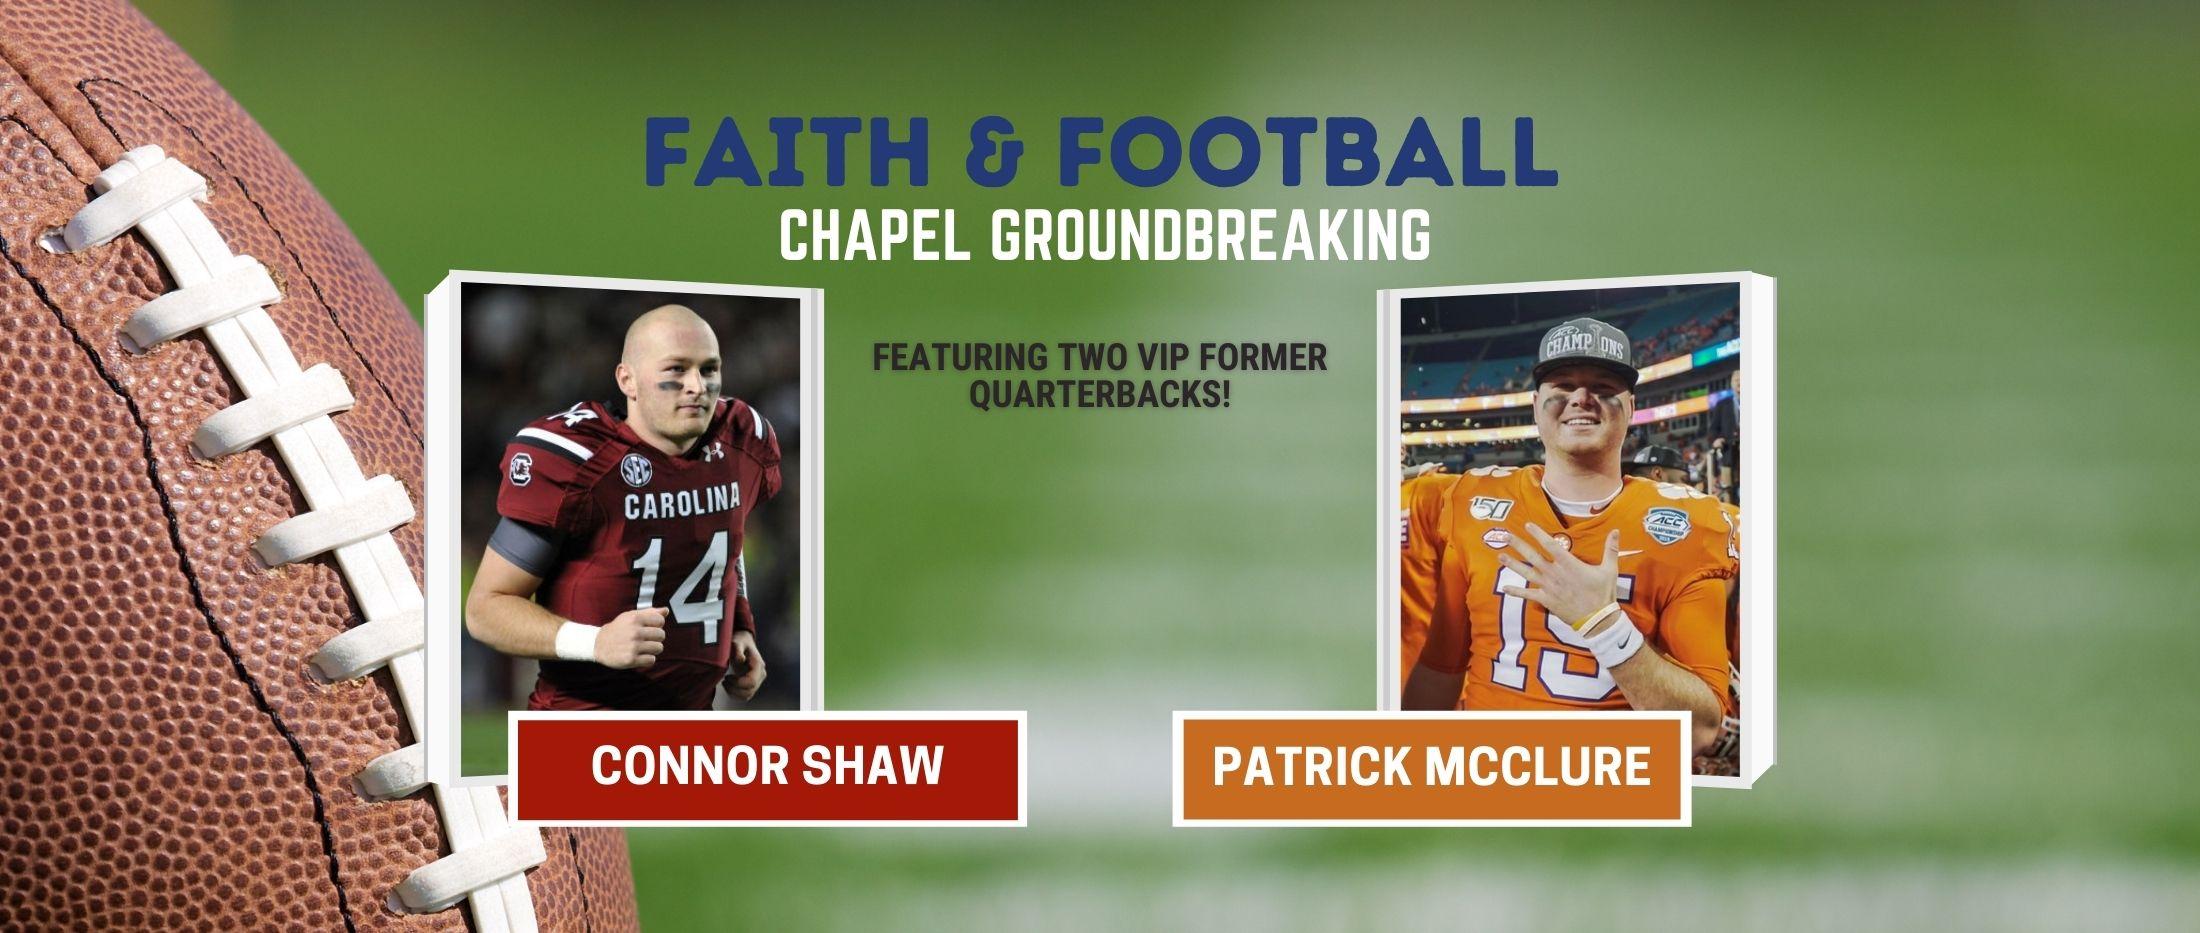 faith and football event